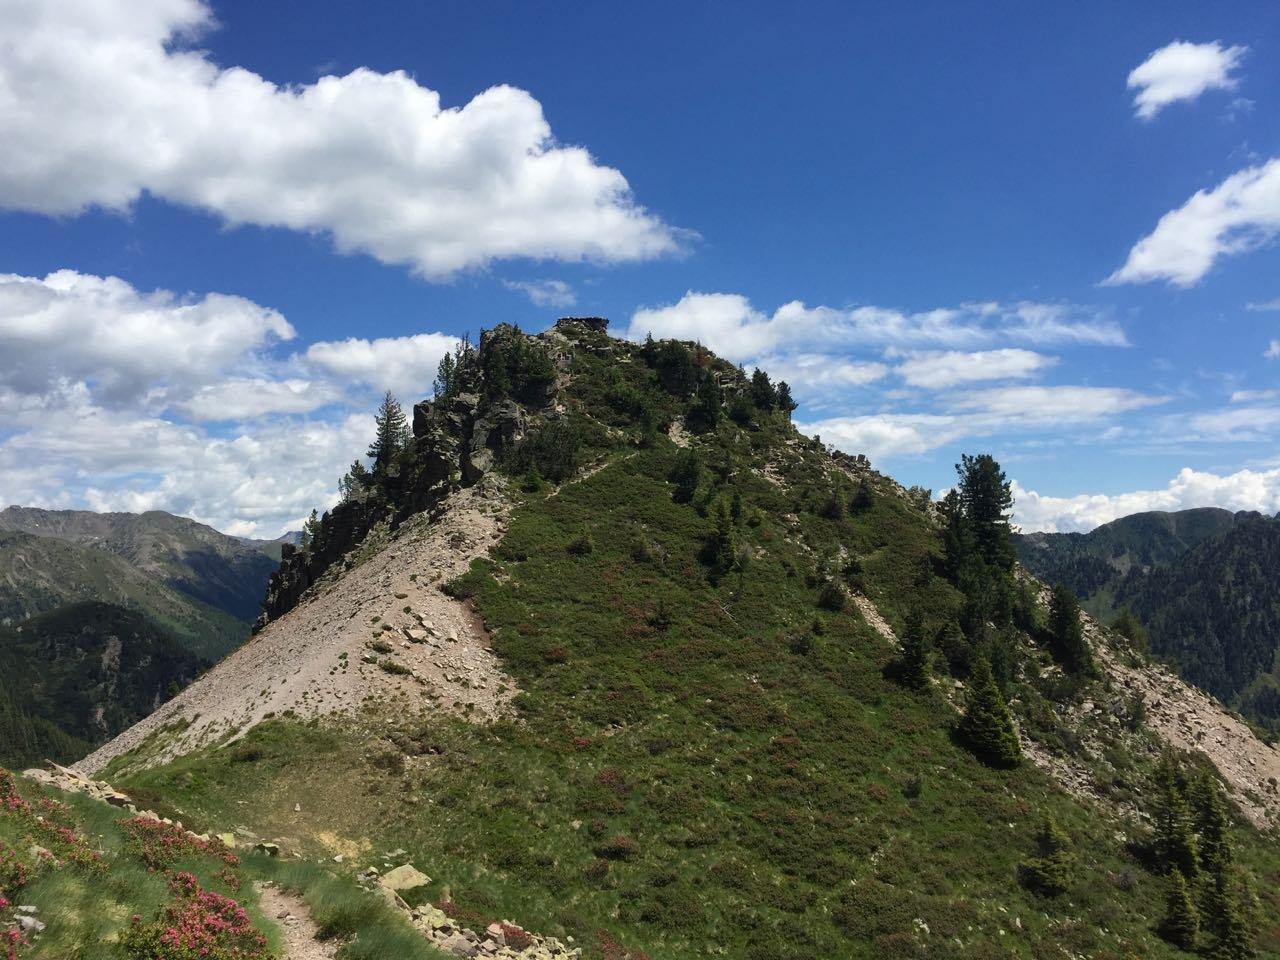 Fornace (Cima) e Monte Croce dal Passo Manghen 2018-06-26